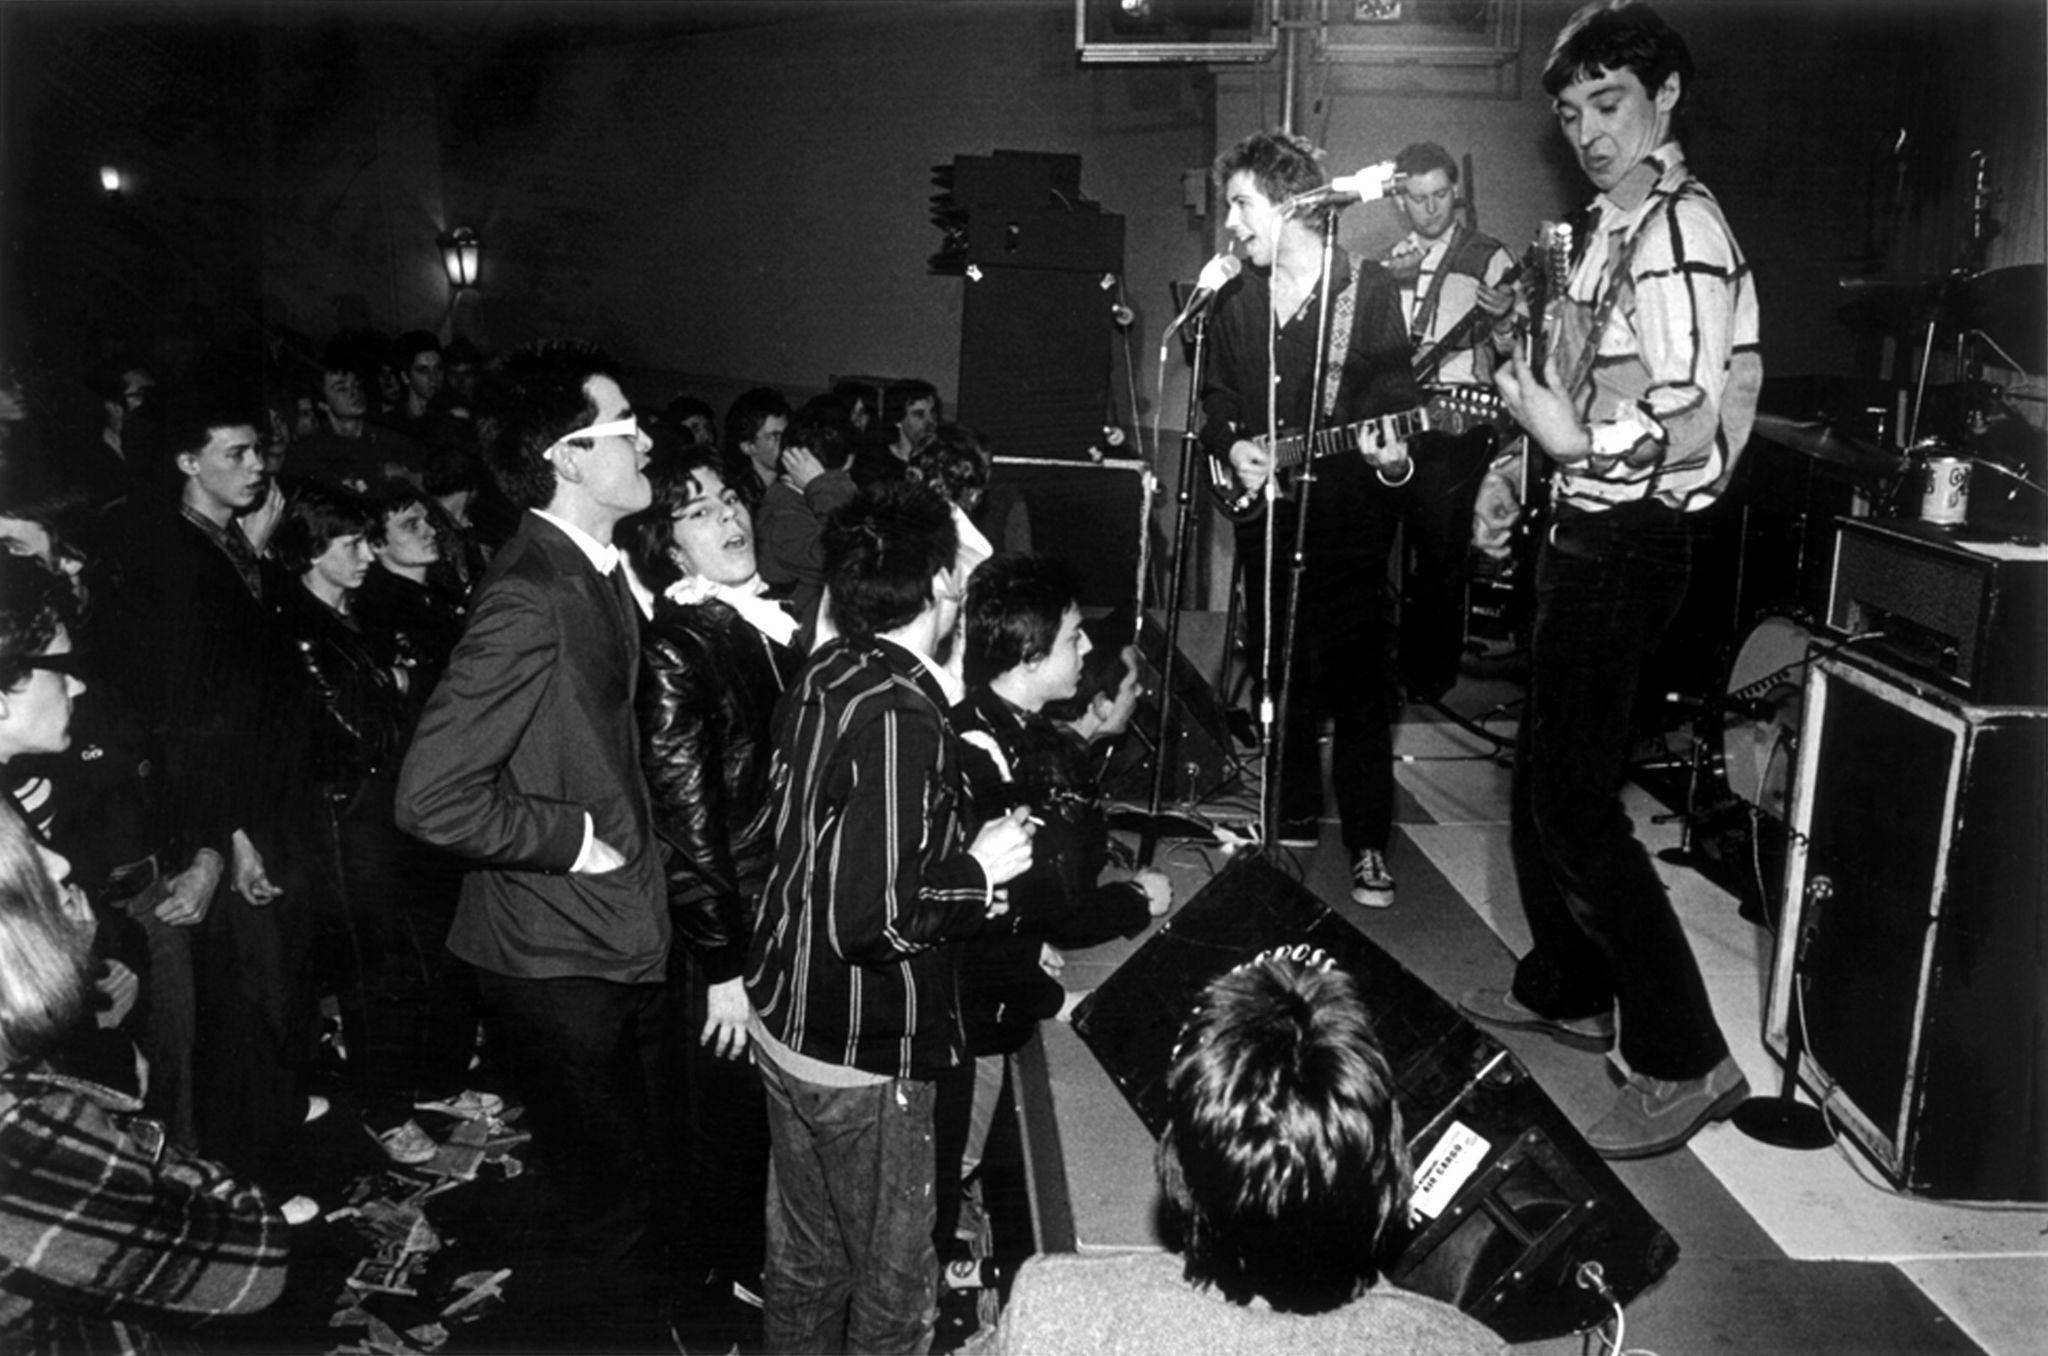 Buzzcocks performing a small gig, circa 1977